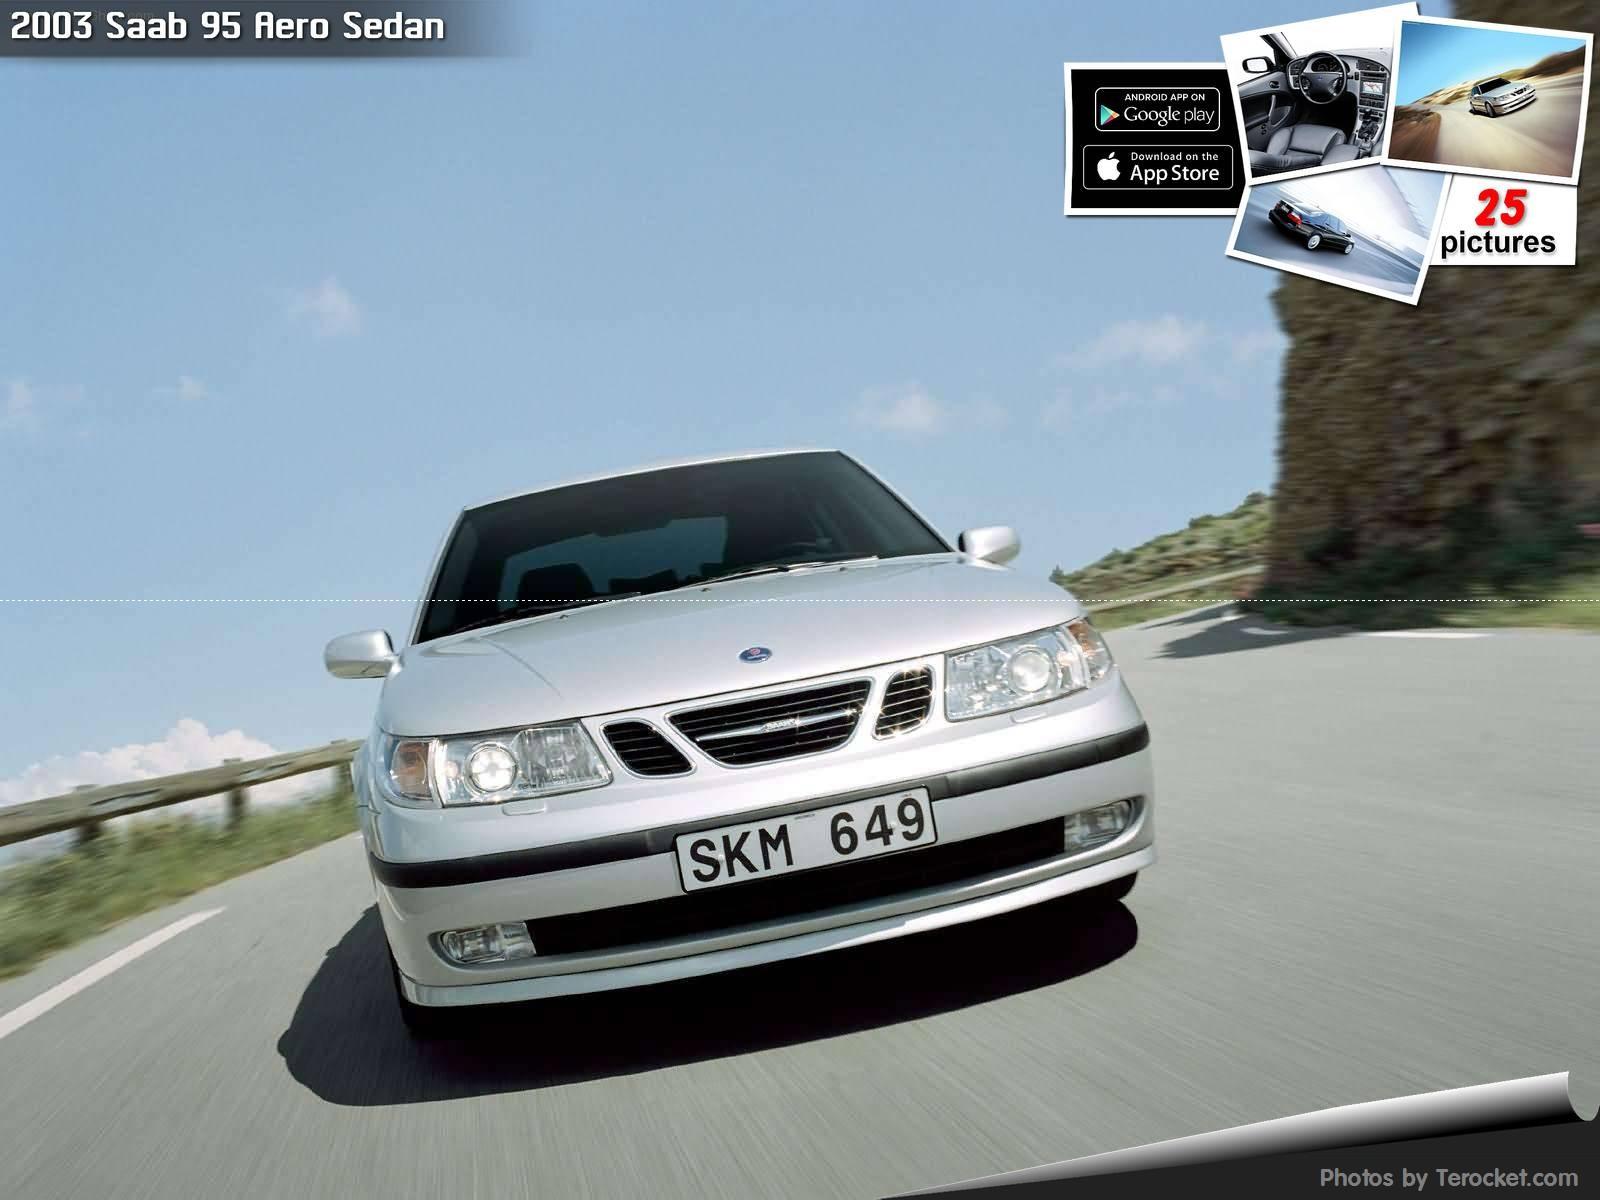 Hình ảnh xe ô tô Saab 95 Aero Sedan 2003 & nội ngoại thất